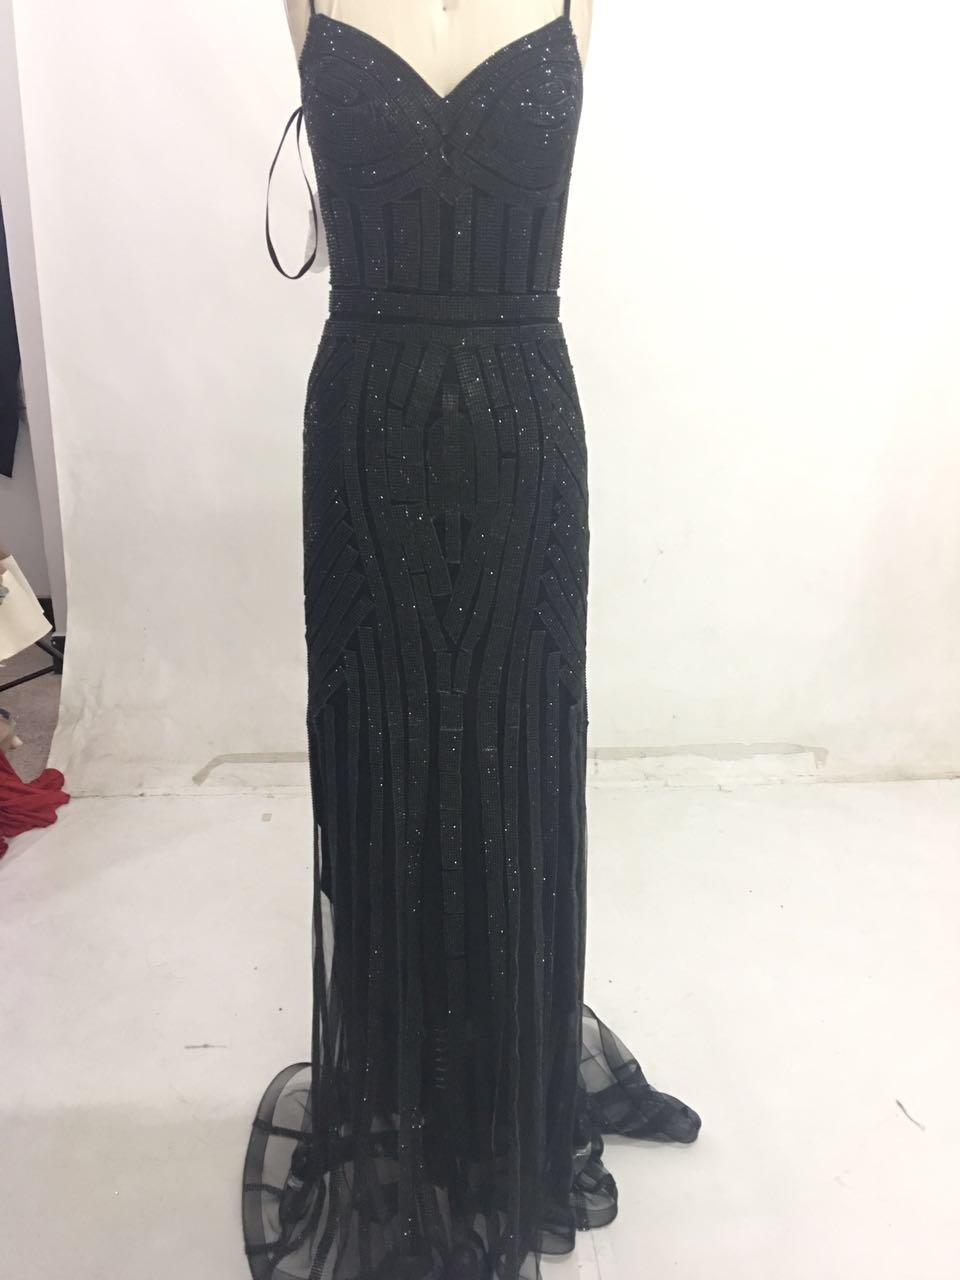 Finove/Вечерние платья цвета шампанского, элегантные сексуальные вечерние платья без рукавов с v-образным вырезом, украшенные кристаллами и бисером, длинные платья для выпускного вечера для женщин - Цвет: Black and Black